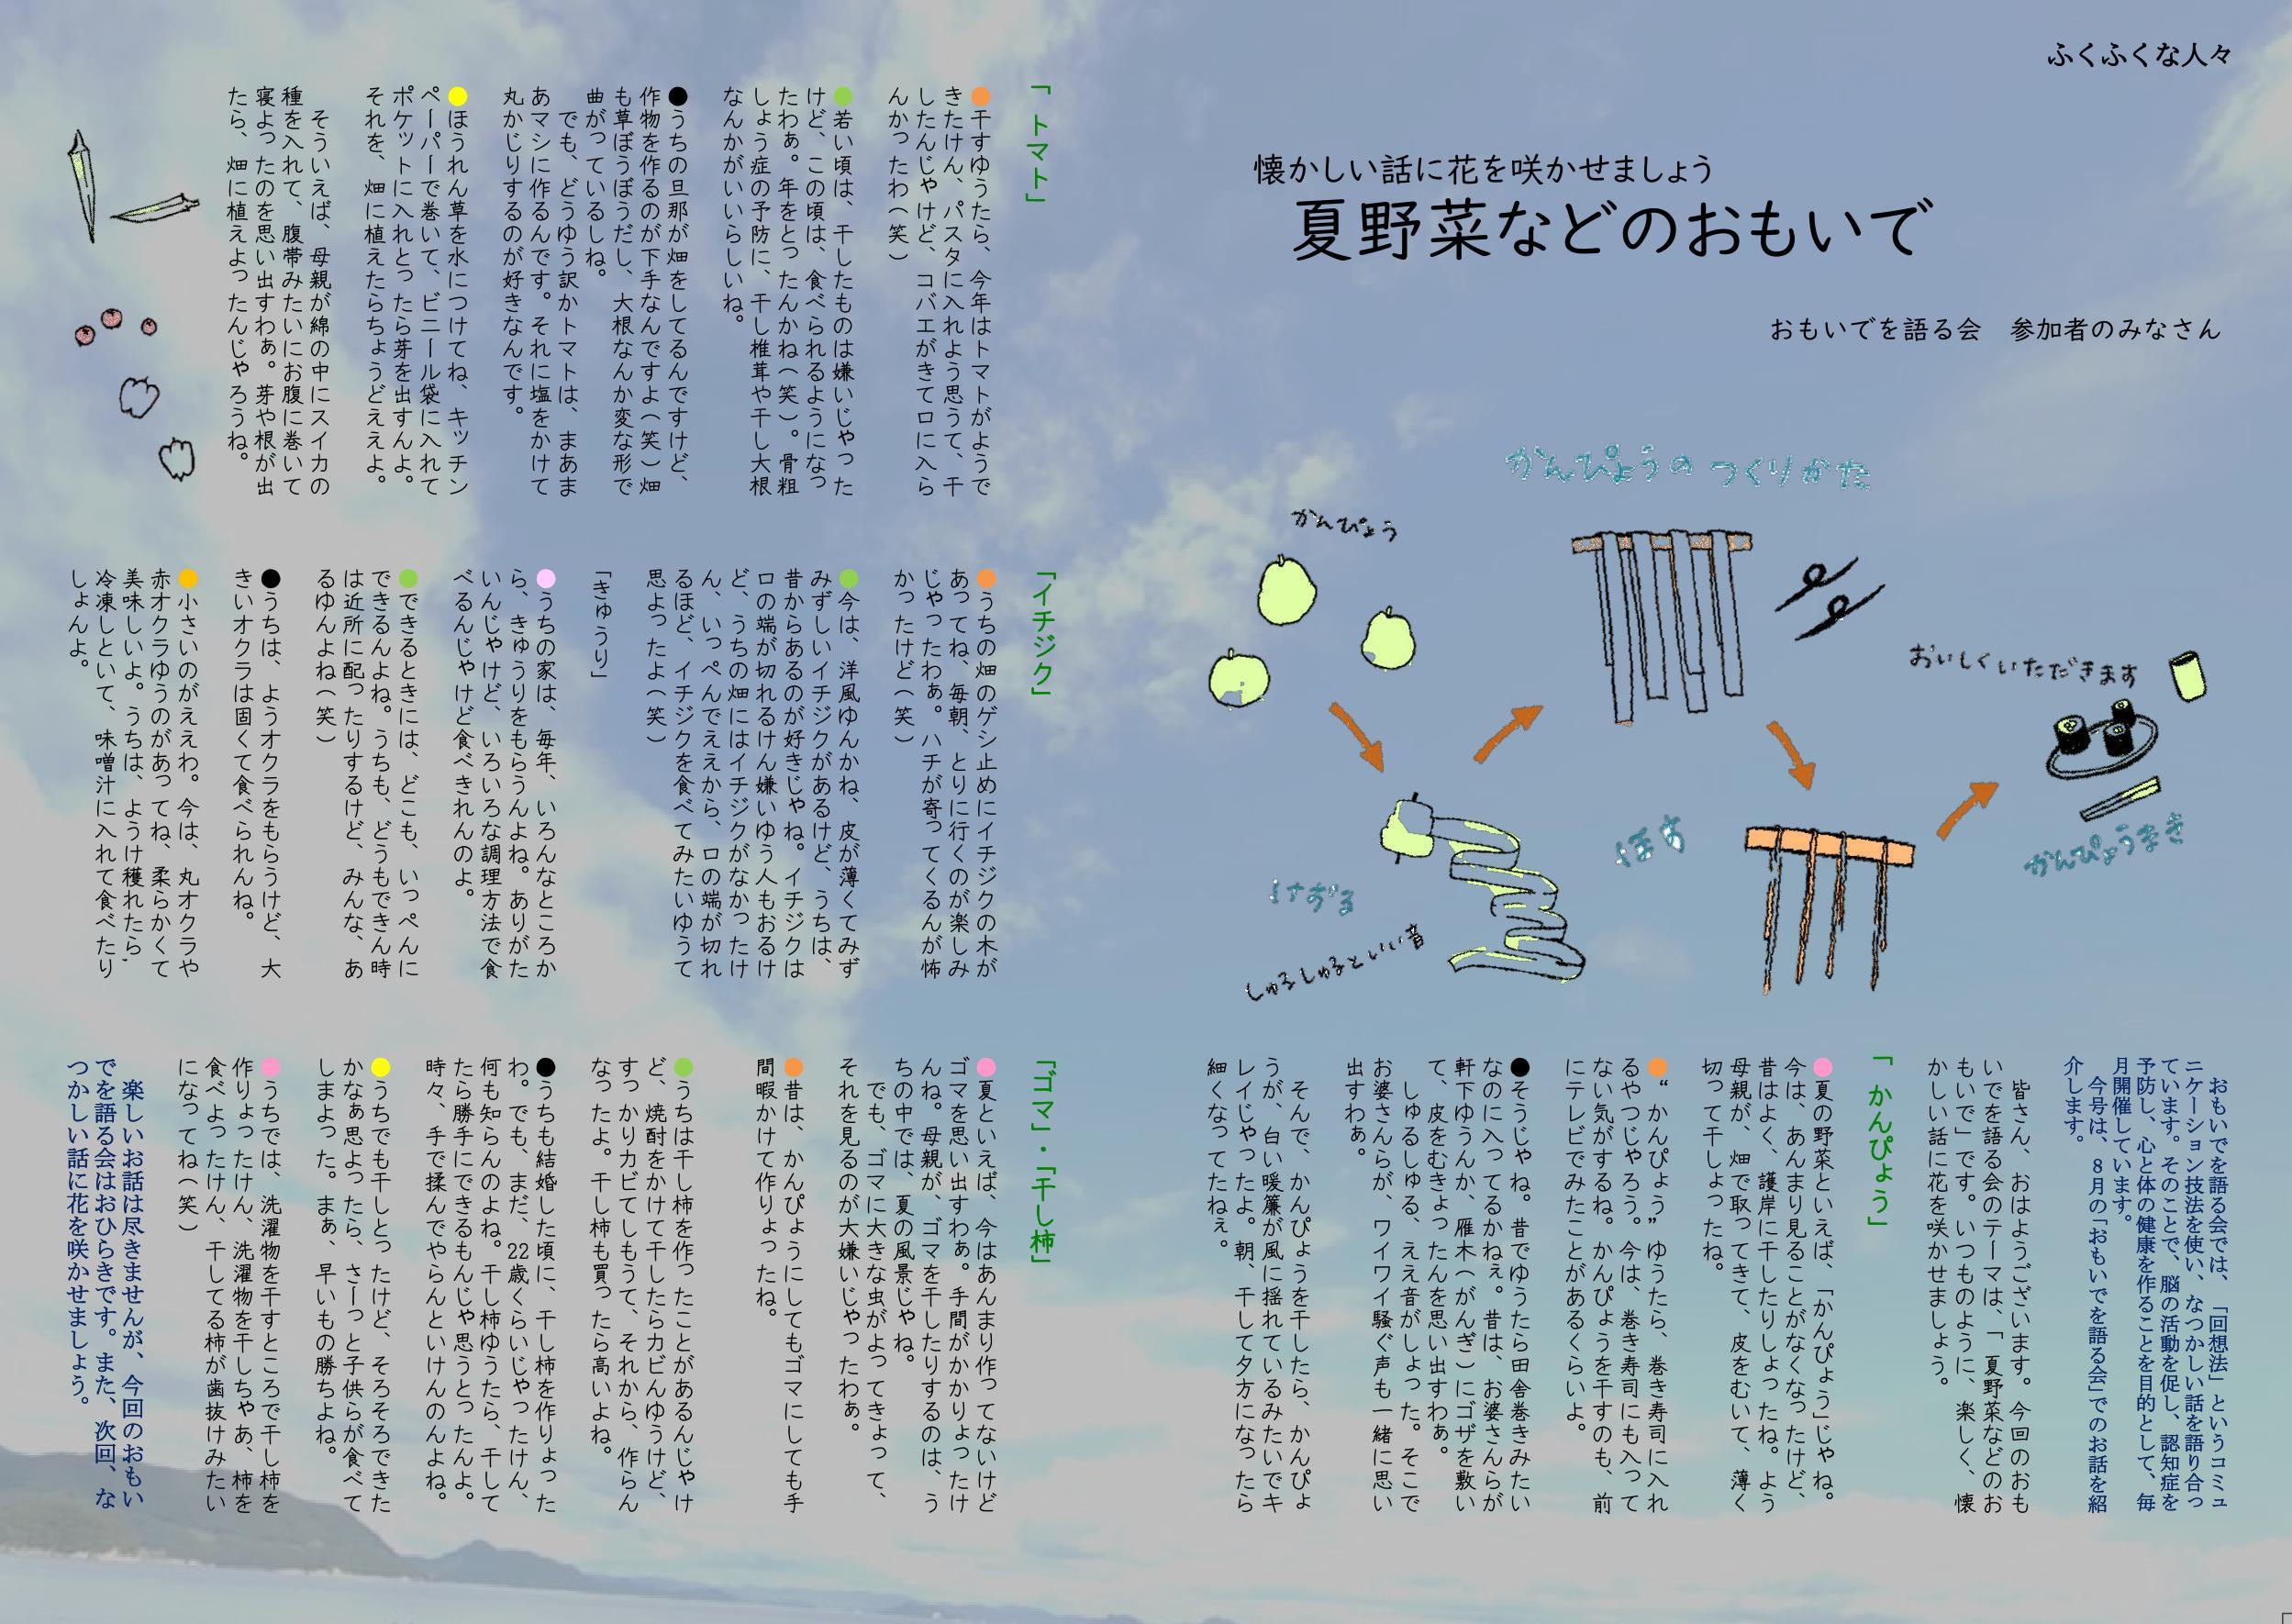 http://fukufukunokai.com/newsletter/images/9%E6%9C%88%E5%8F%B73_cropped_2.jpeg